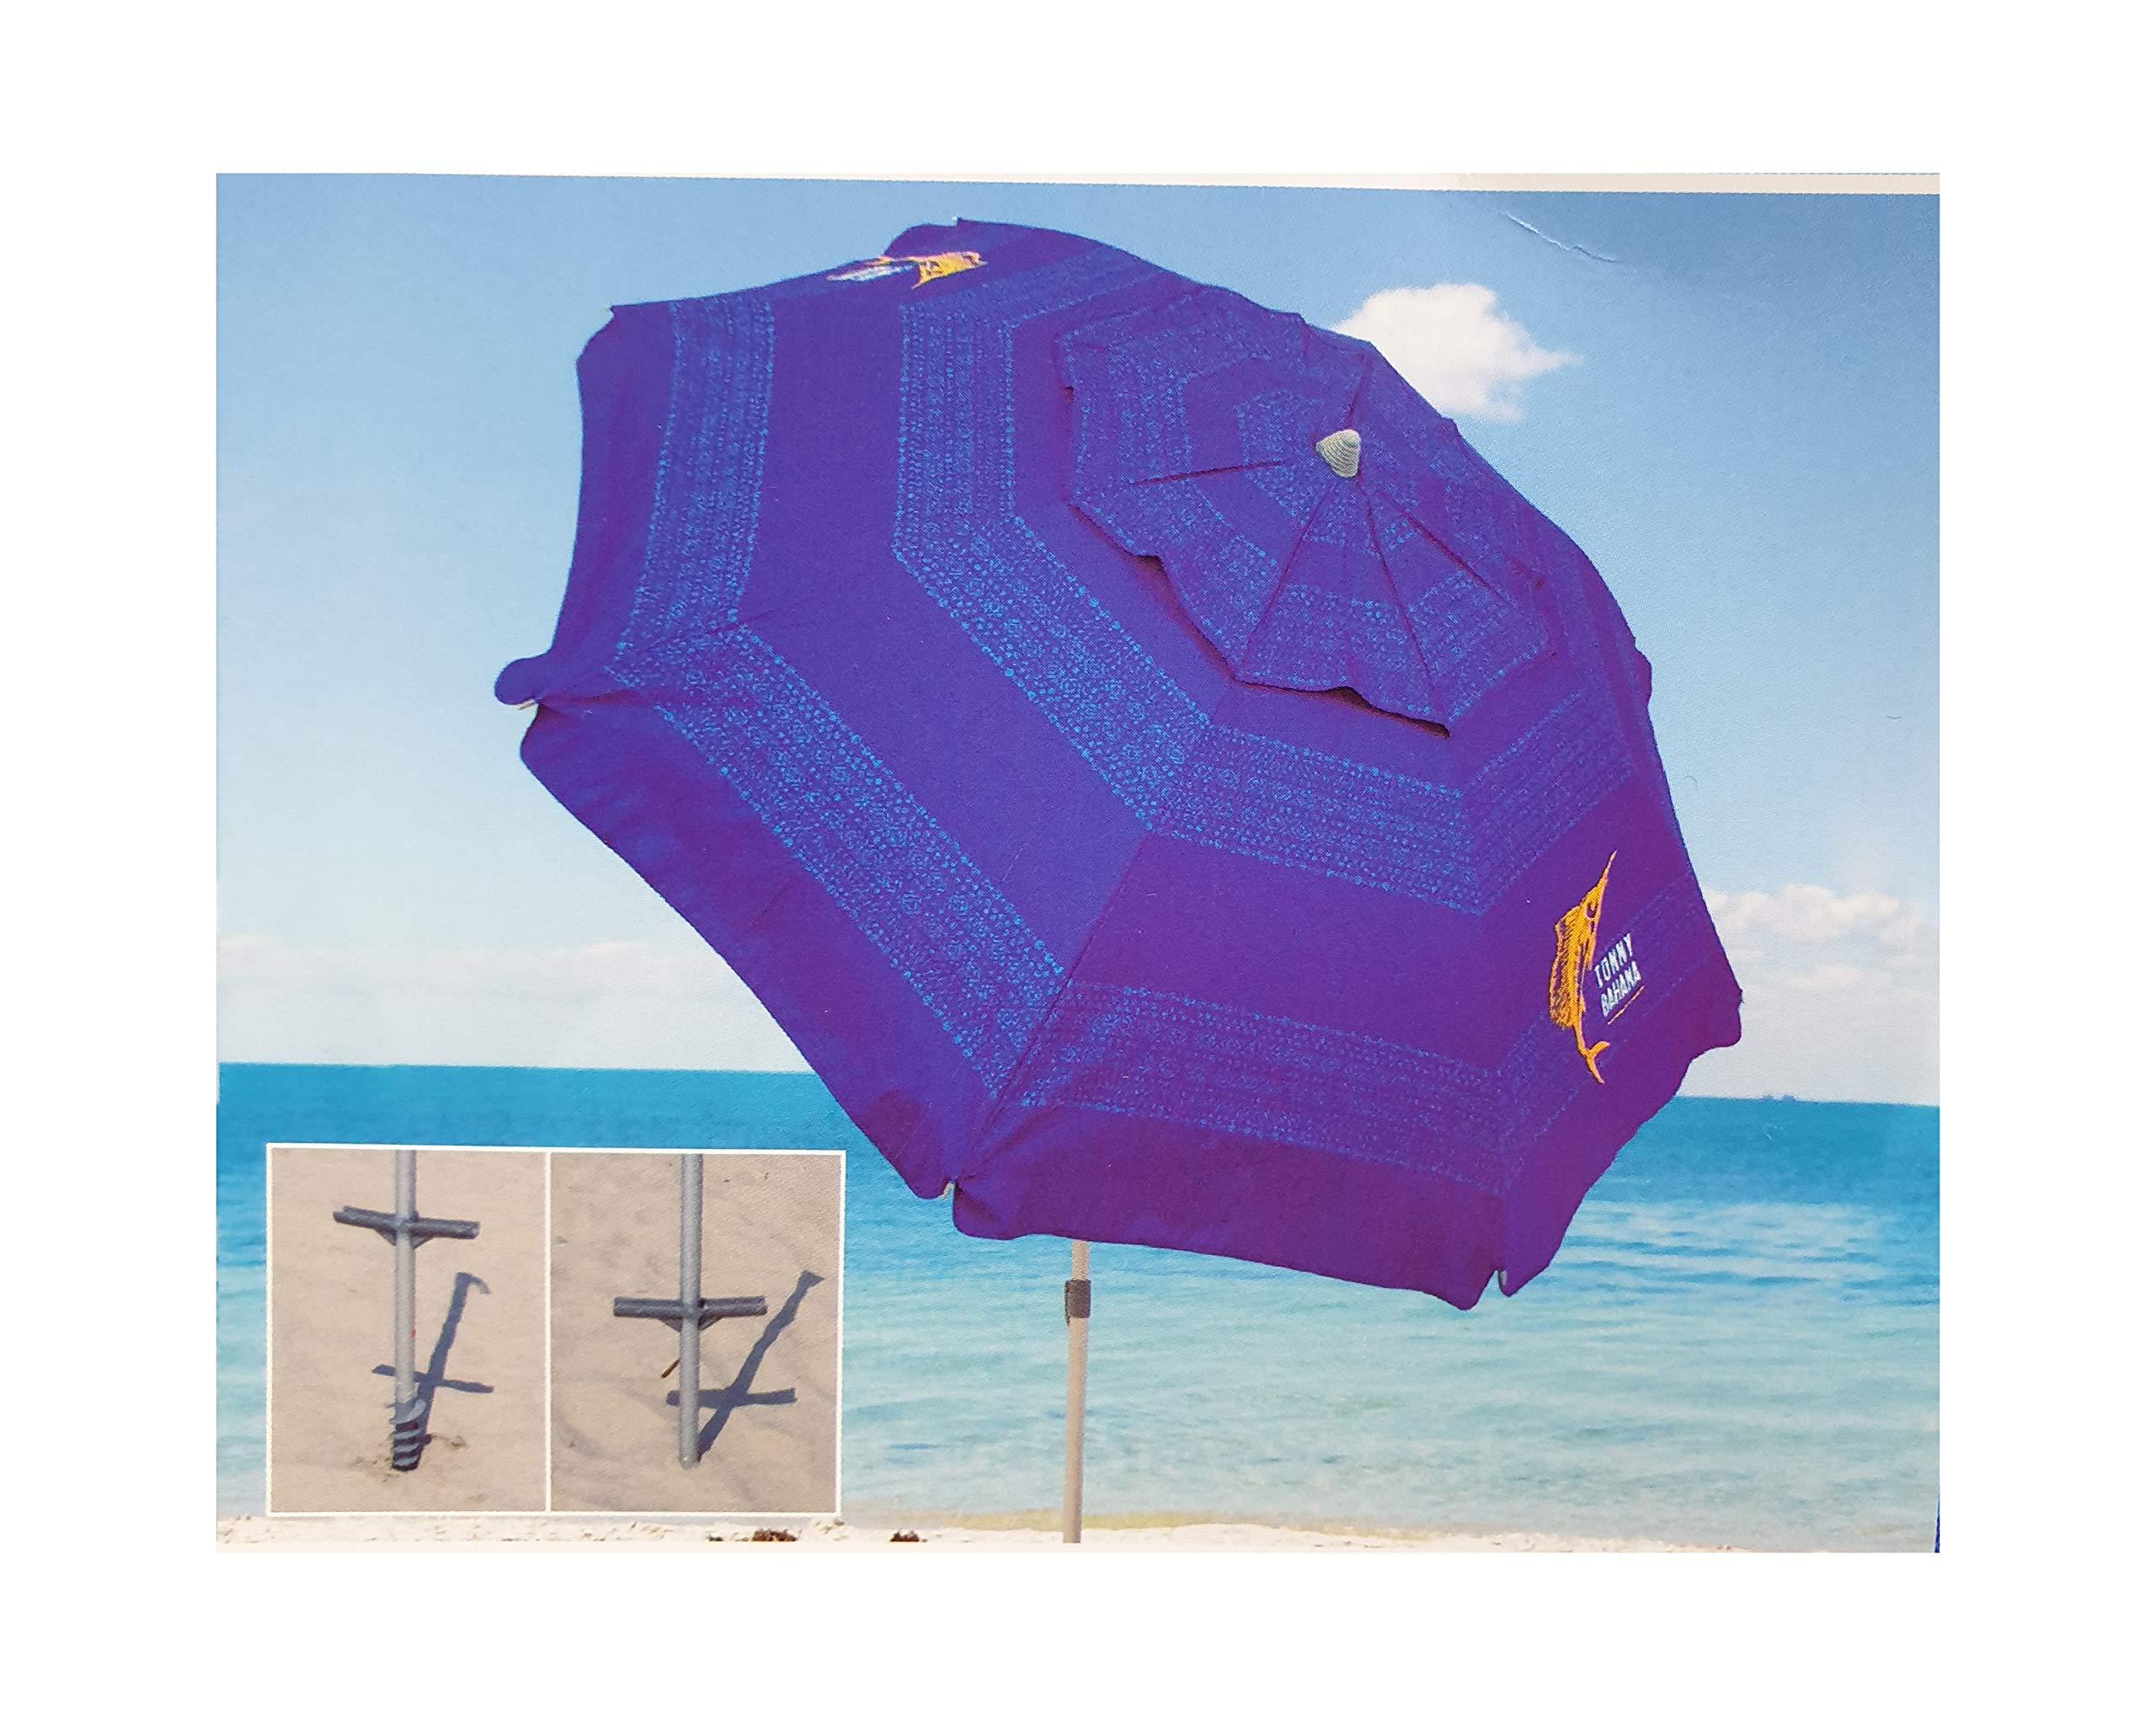 Tommy Bahama Sand Anchor Beach Umbrella 2019 by Tommy Bahama Umbrella